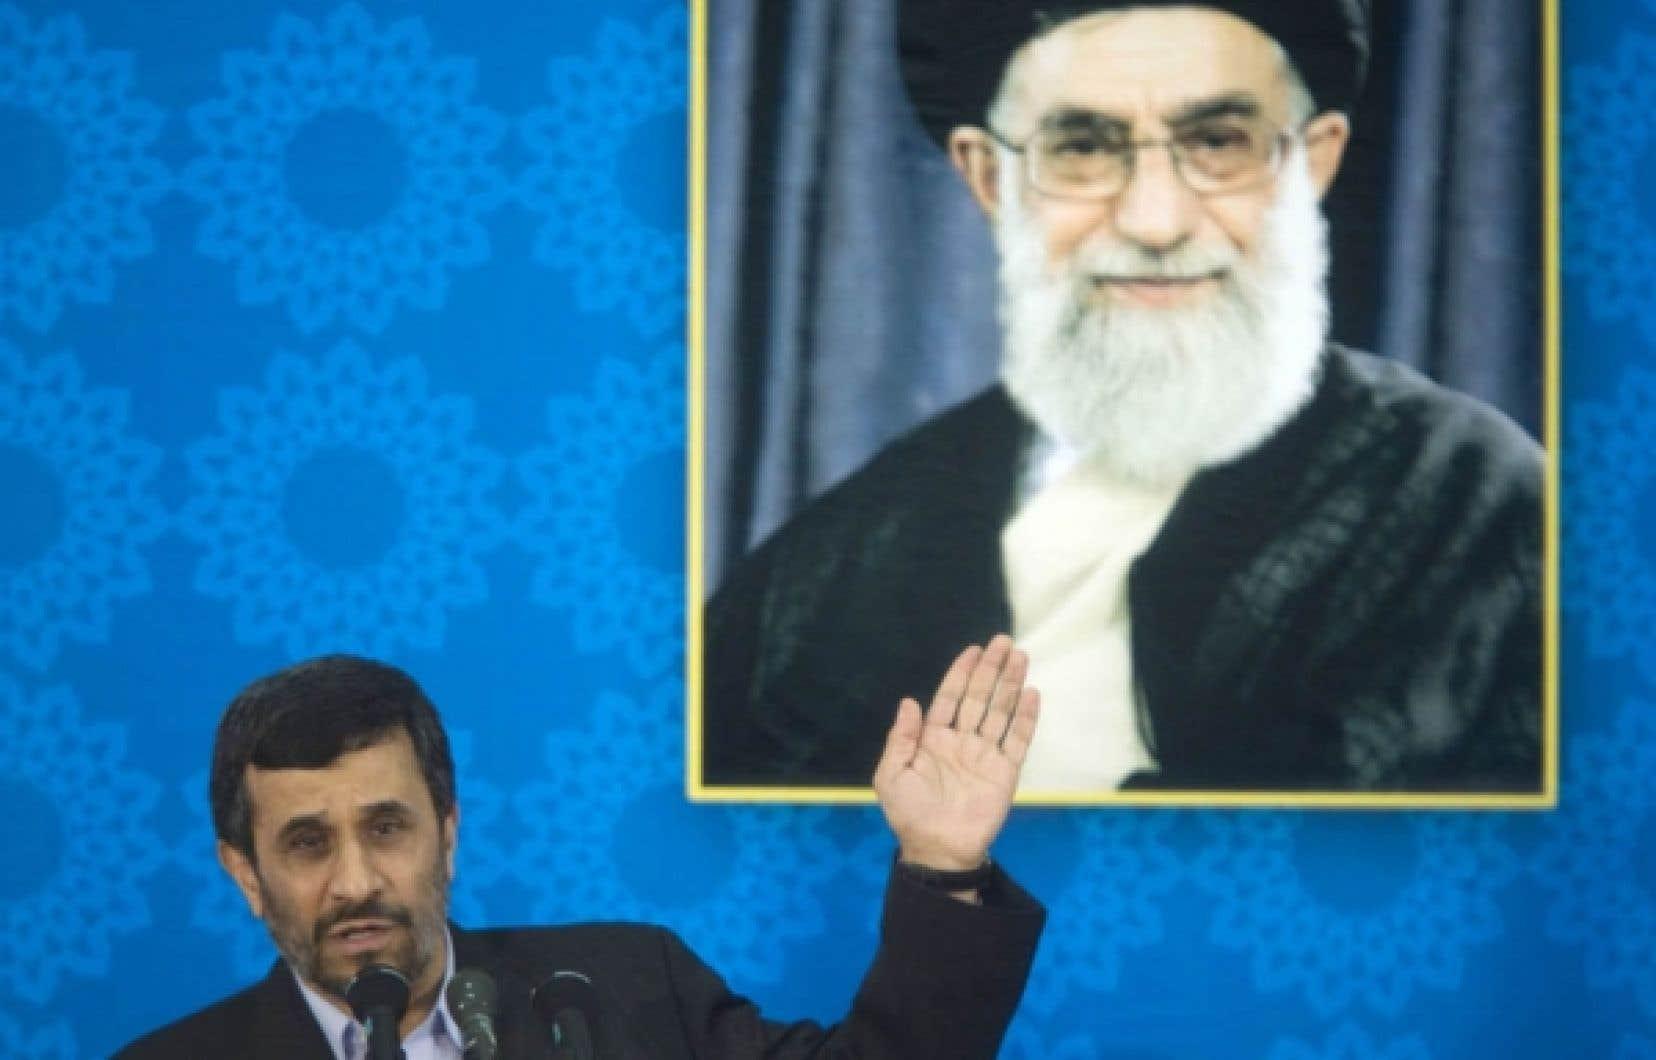 Mahmoud Ahmadinejad est montré du doigt pour des ponctions dans les revenus pétroliers.